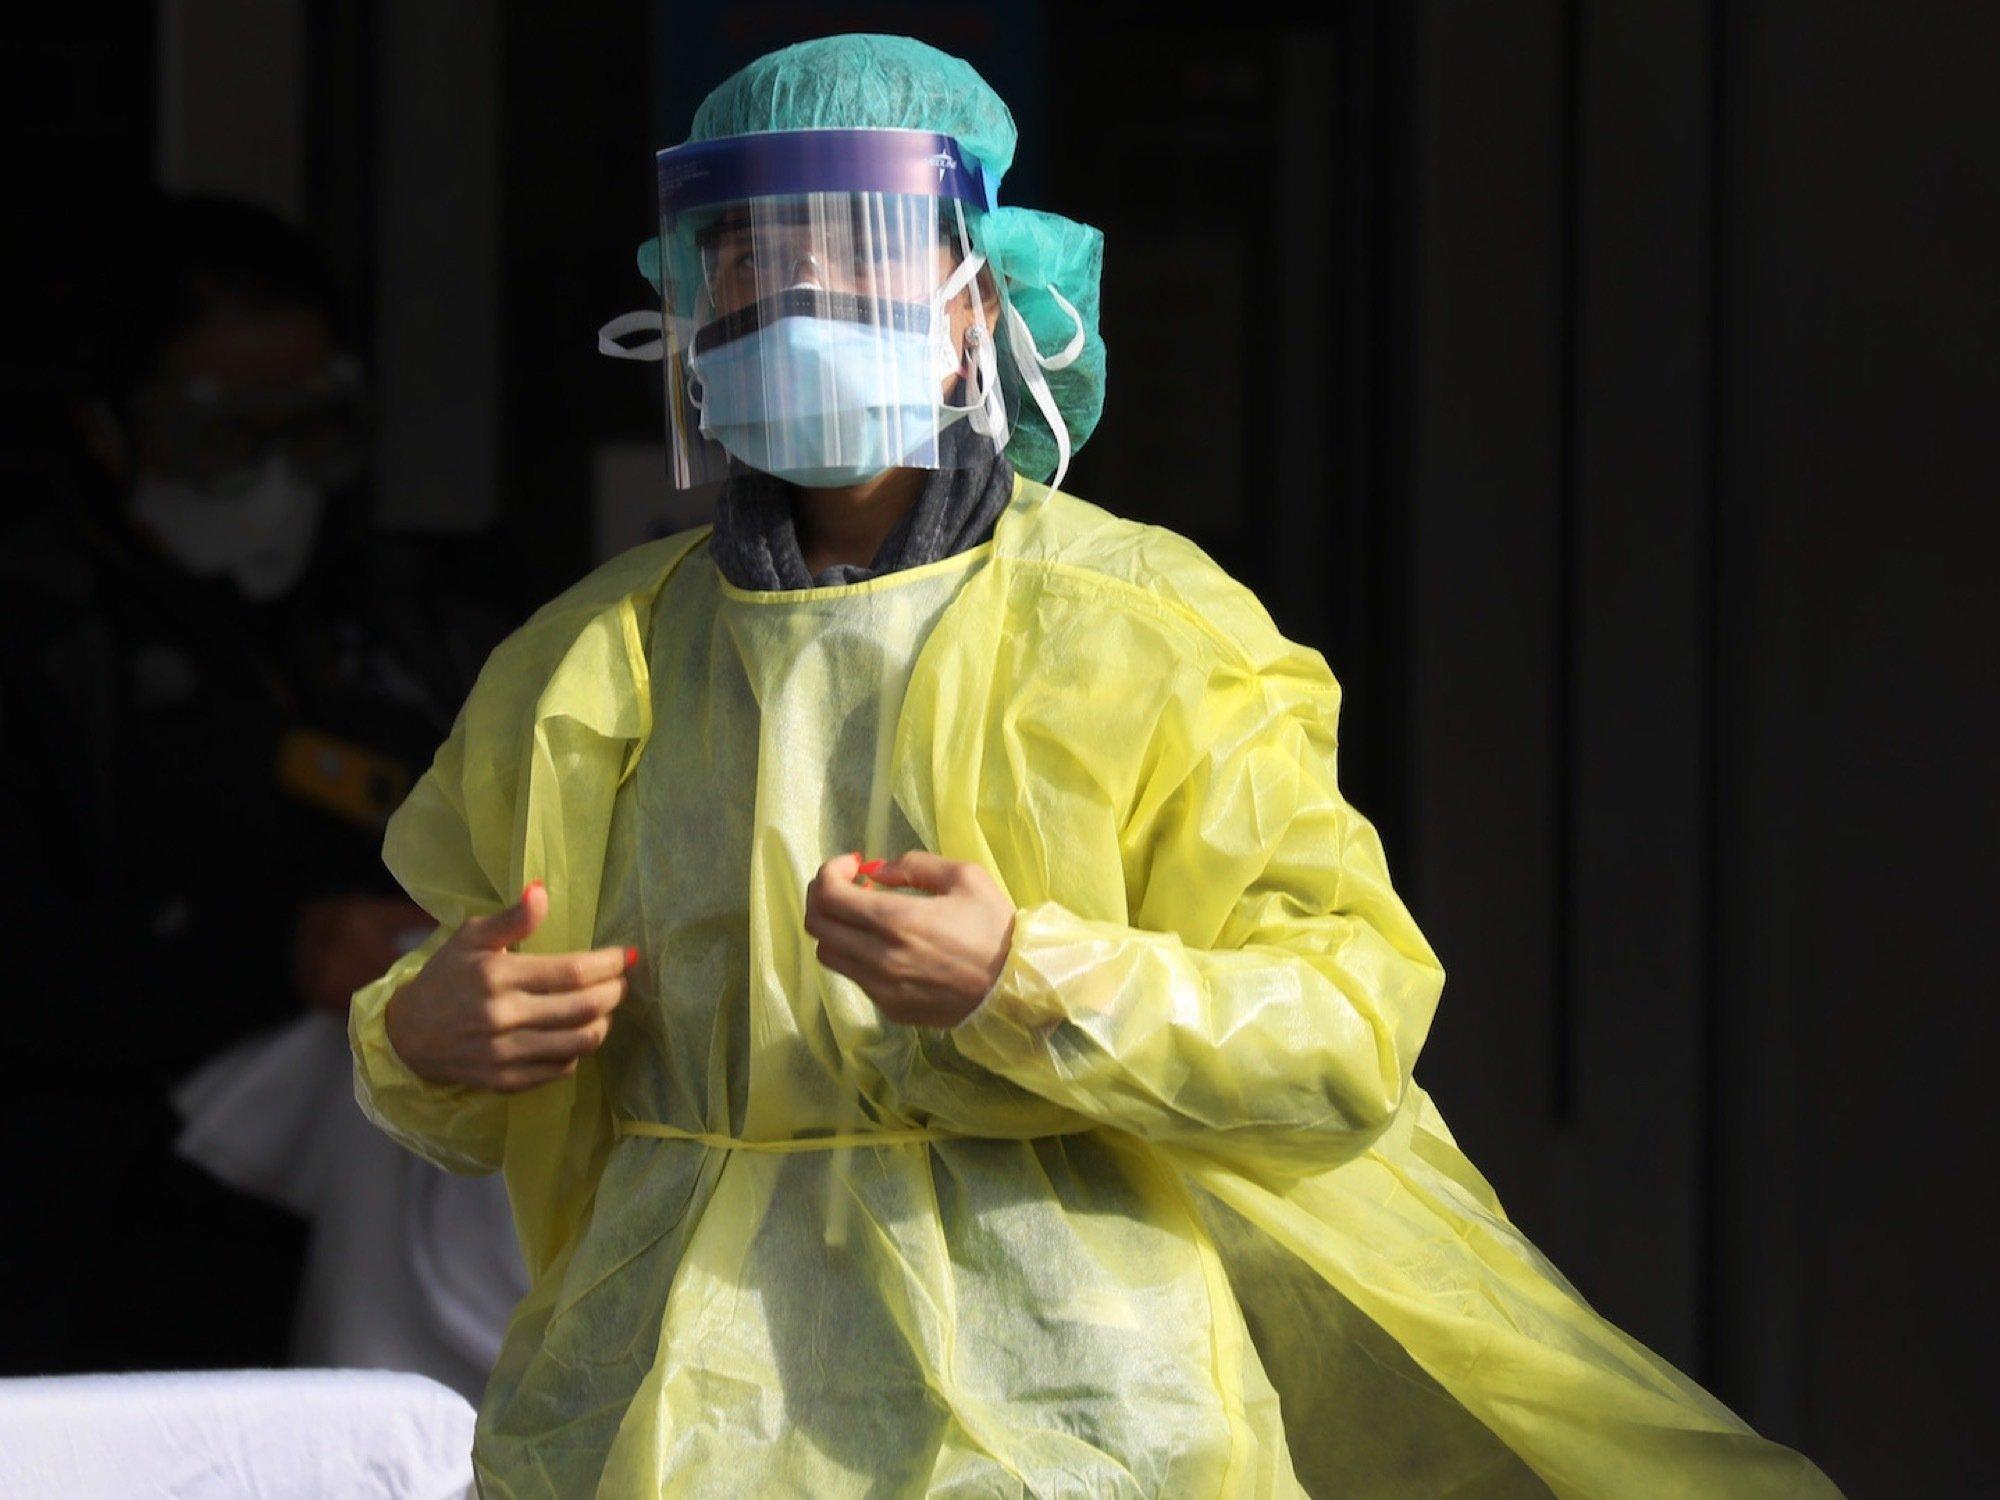 Das Bild zeigt eine Frau, die komplett in medizinische Schutzkleidung aus Plastik gehüllt ist. Man sieht ihre rot lackierten Fingernägel, aber ansonsten wenig. Sie steht vor dem Krankenhaus.